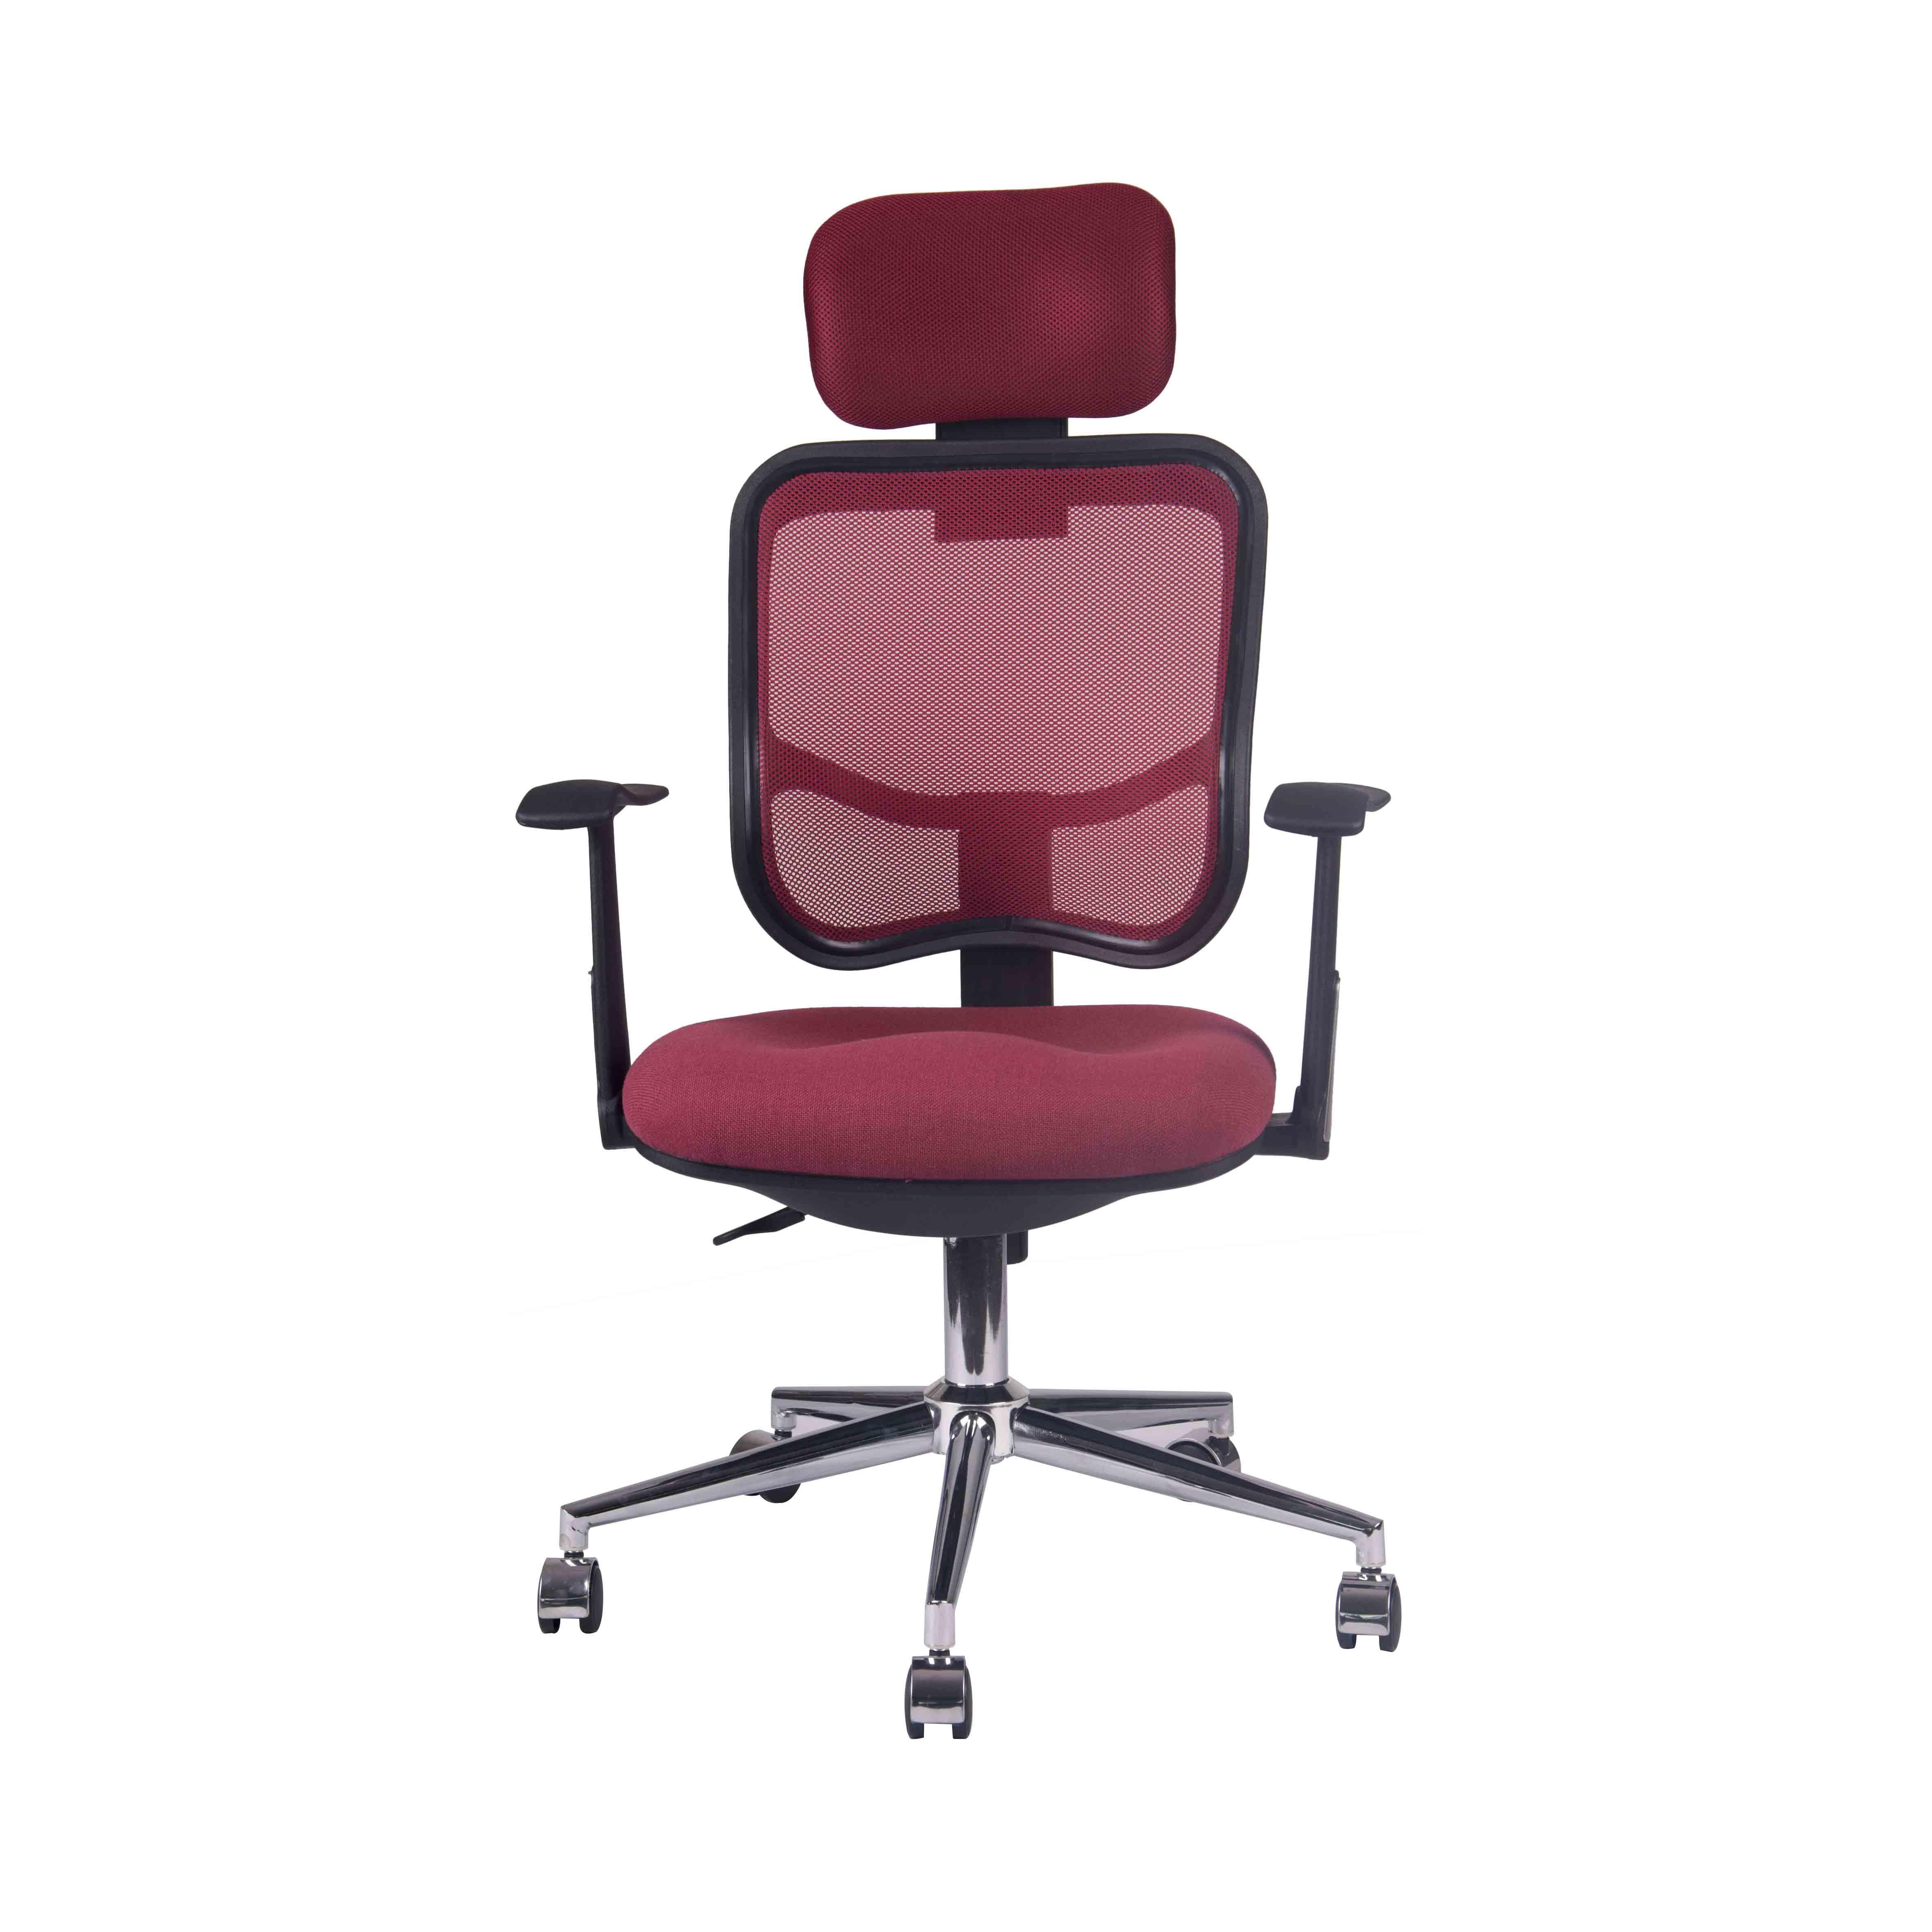 座椅系列网布椅Y-B150116